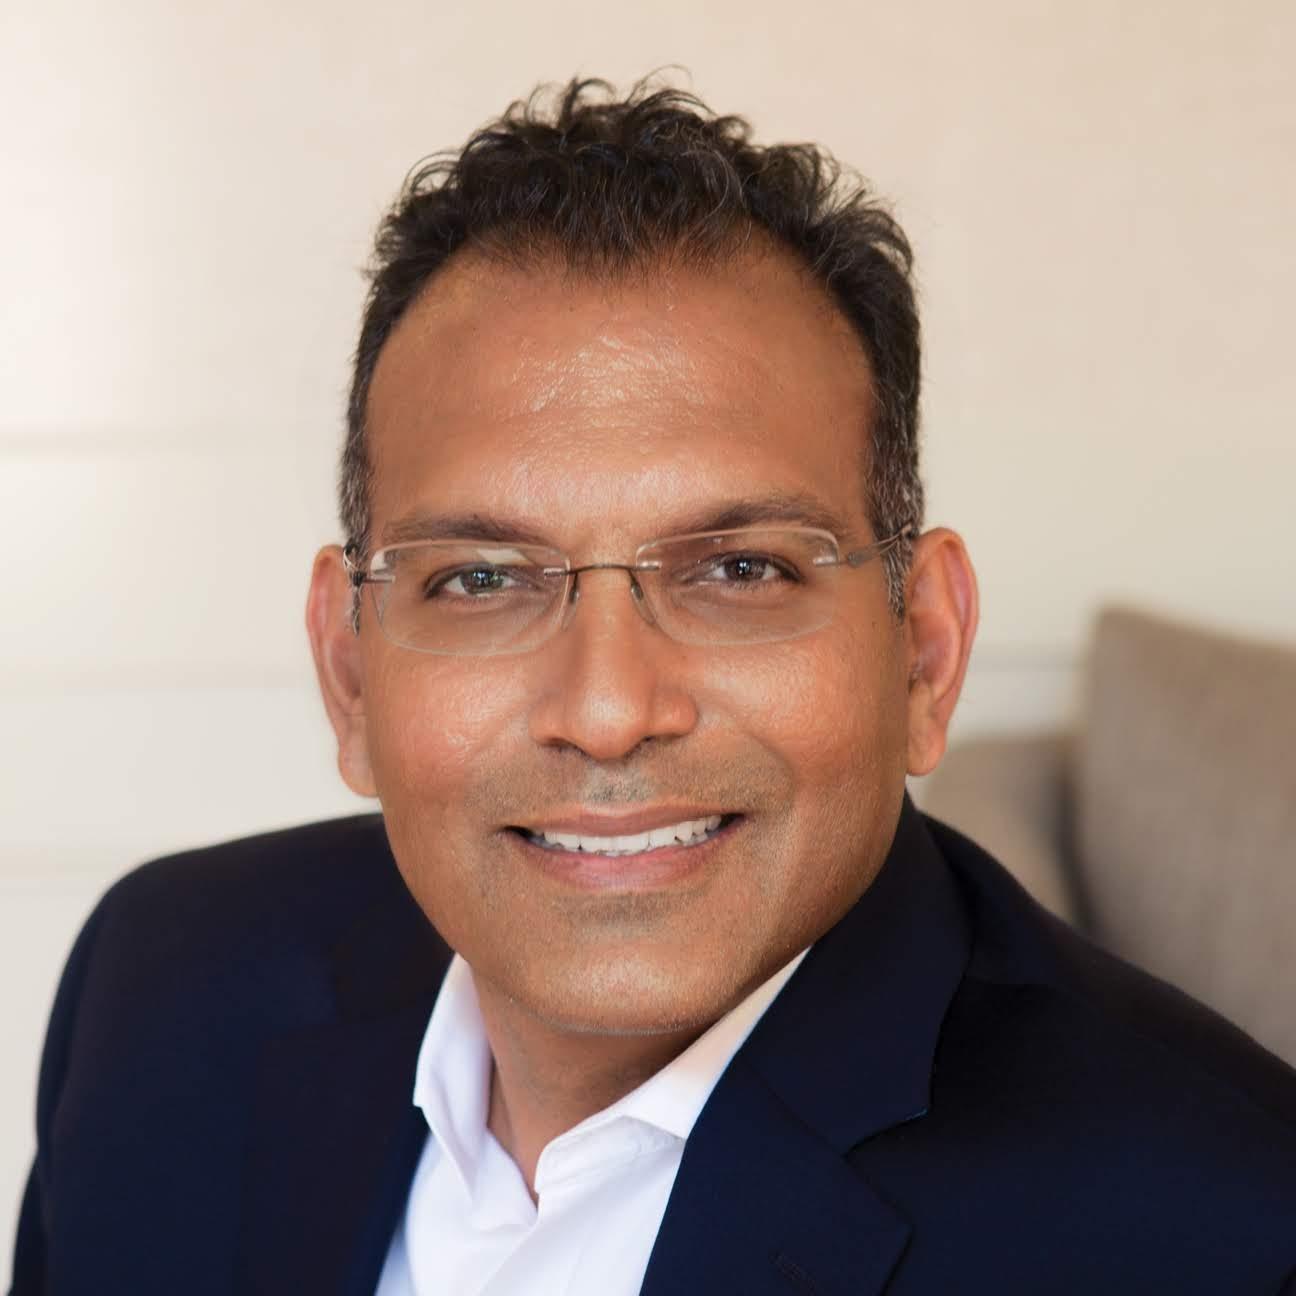 Rajiv R. Ratan, M.D., Ph.D.